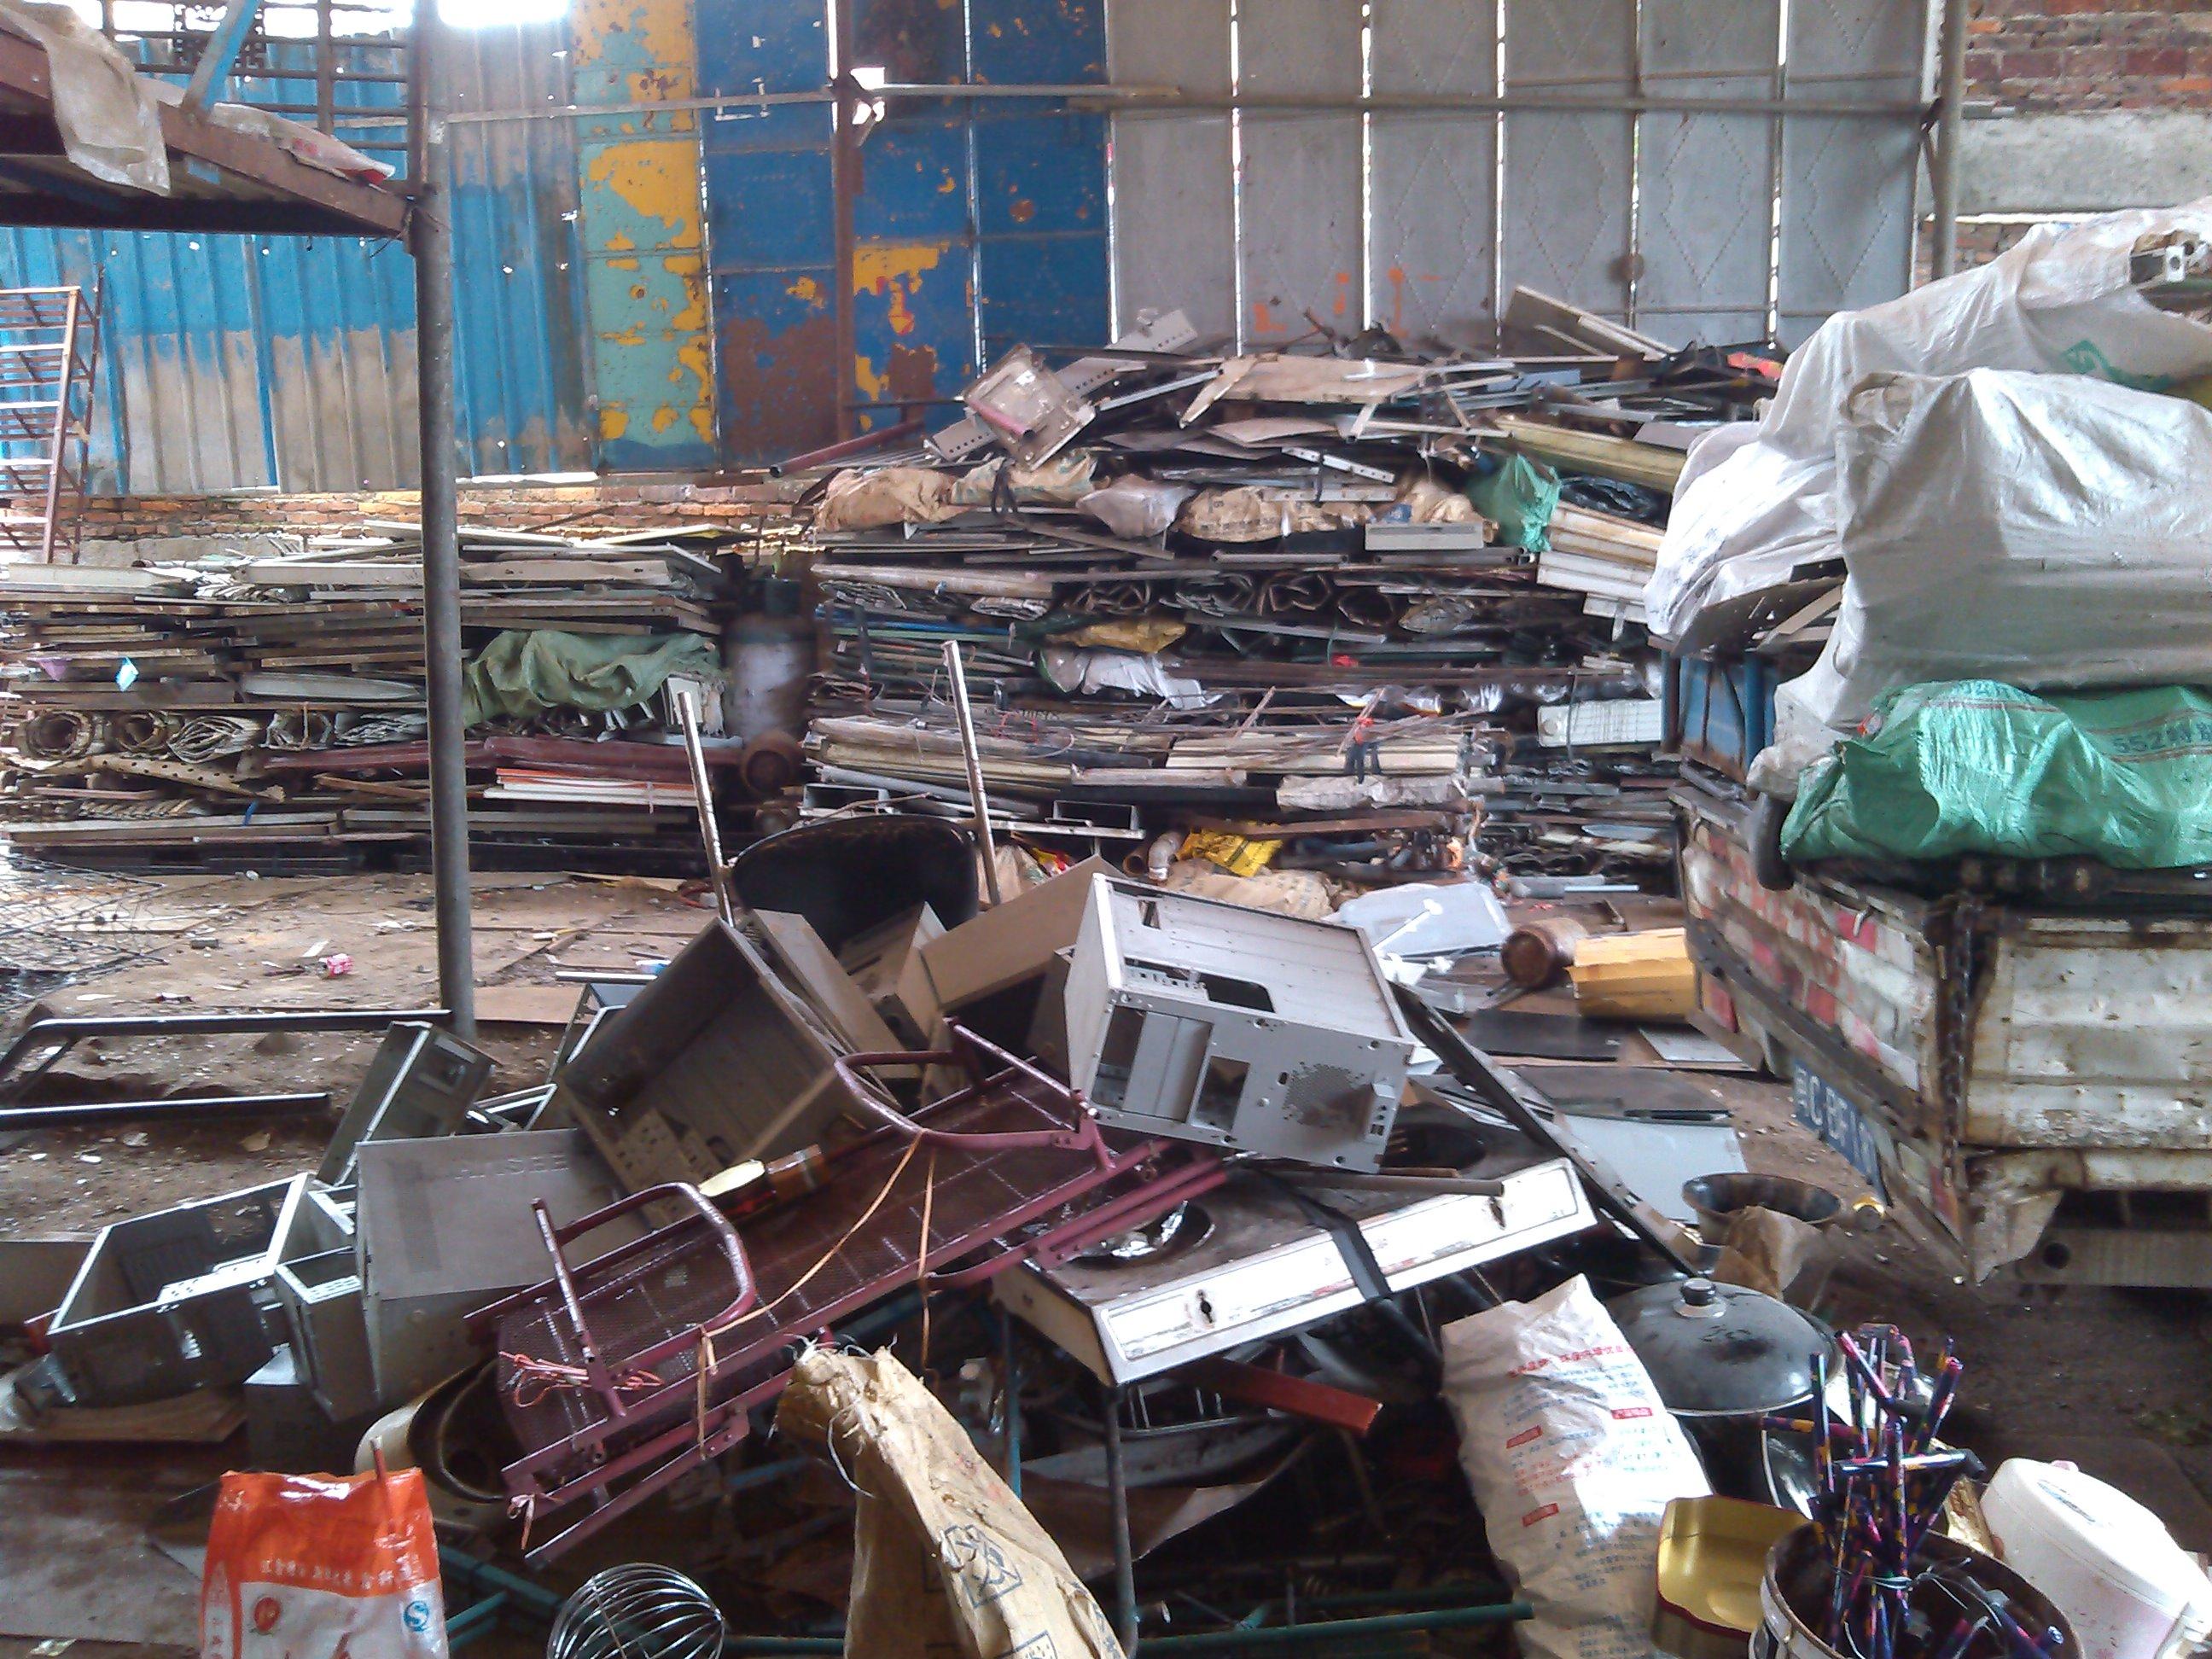 电焊机,发电机组,电动葫芦,空压机行车,大小型遭轮箱,刀具,集成电路板